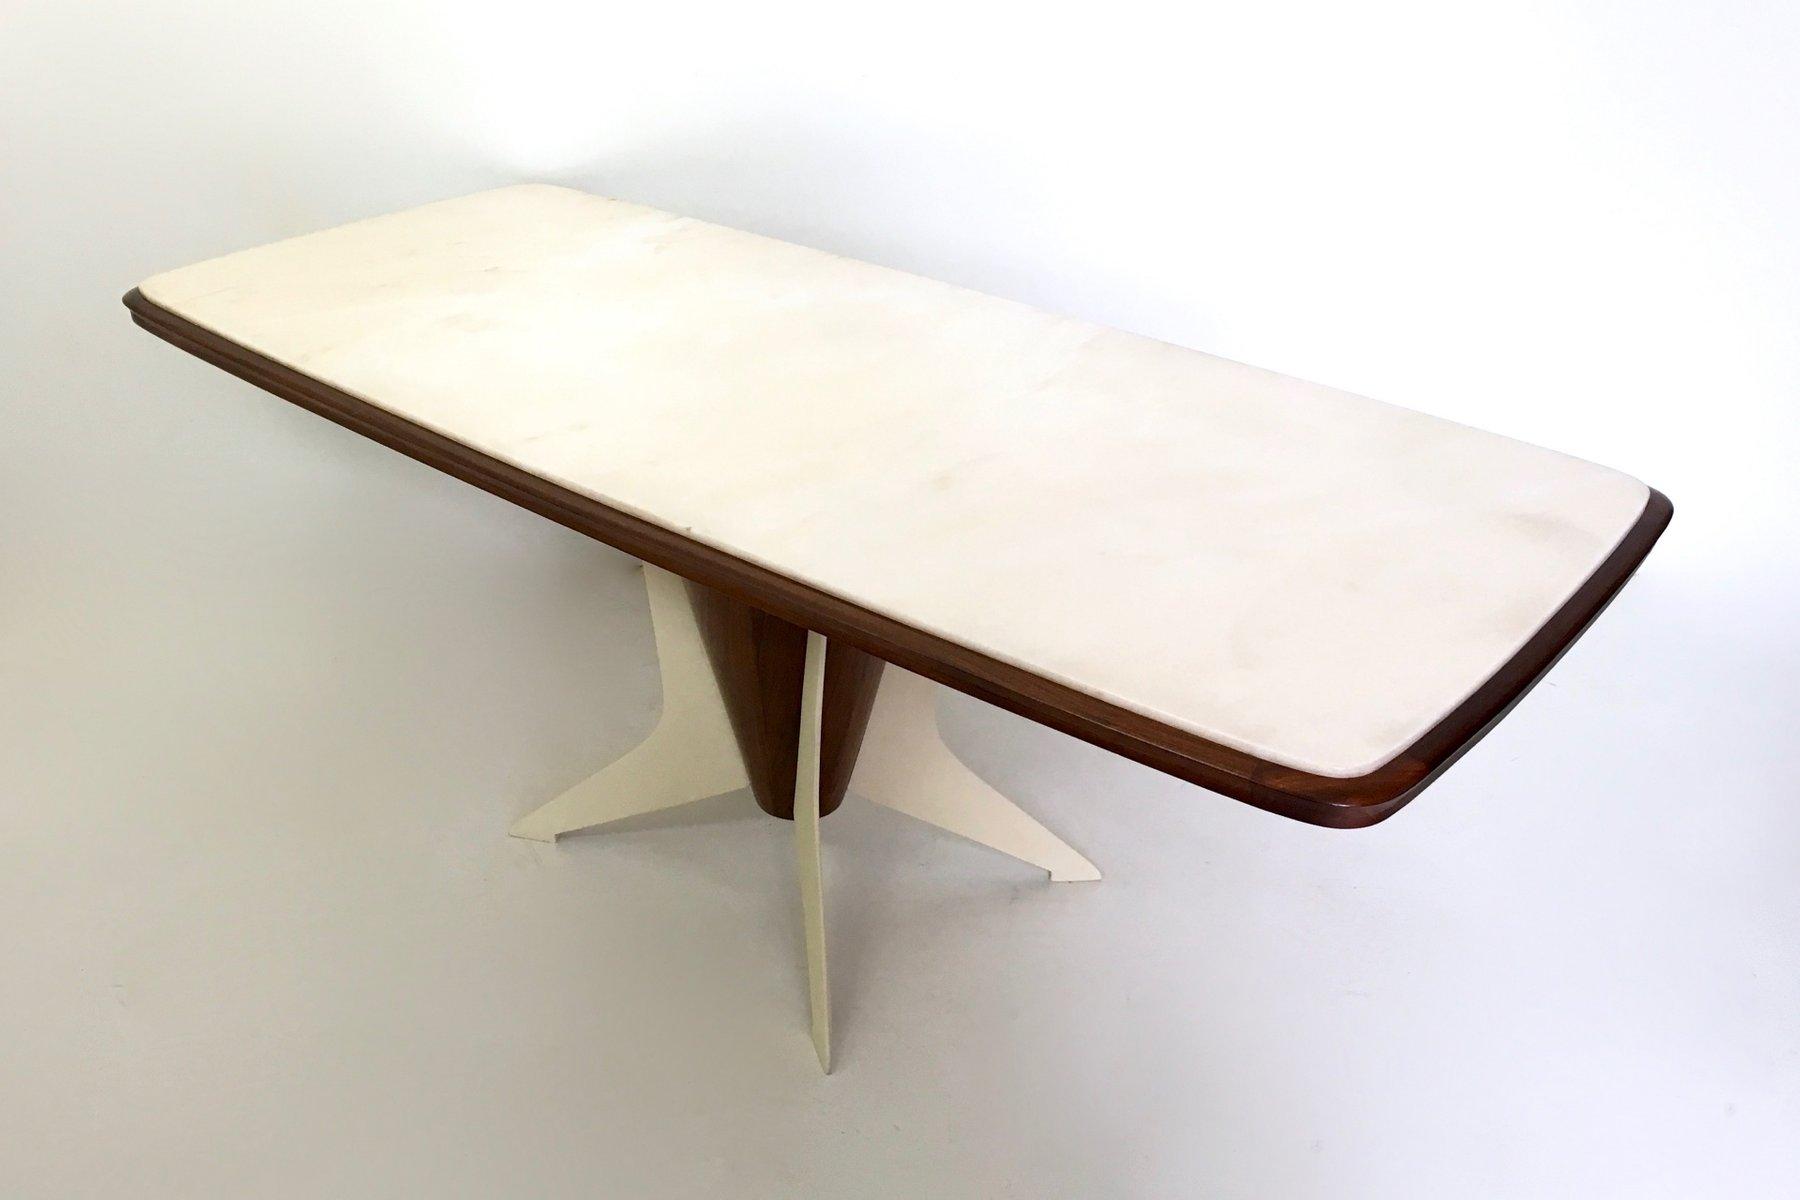 italienischer holz esstisch mit carrara marmorplatte 1950er bei pamono kaufen. Black Bedroom Furniture Sets. Home Design Ideas